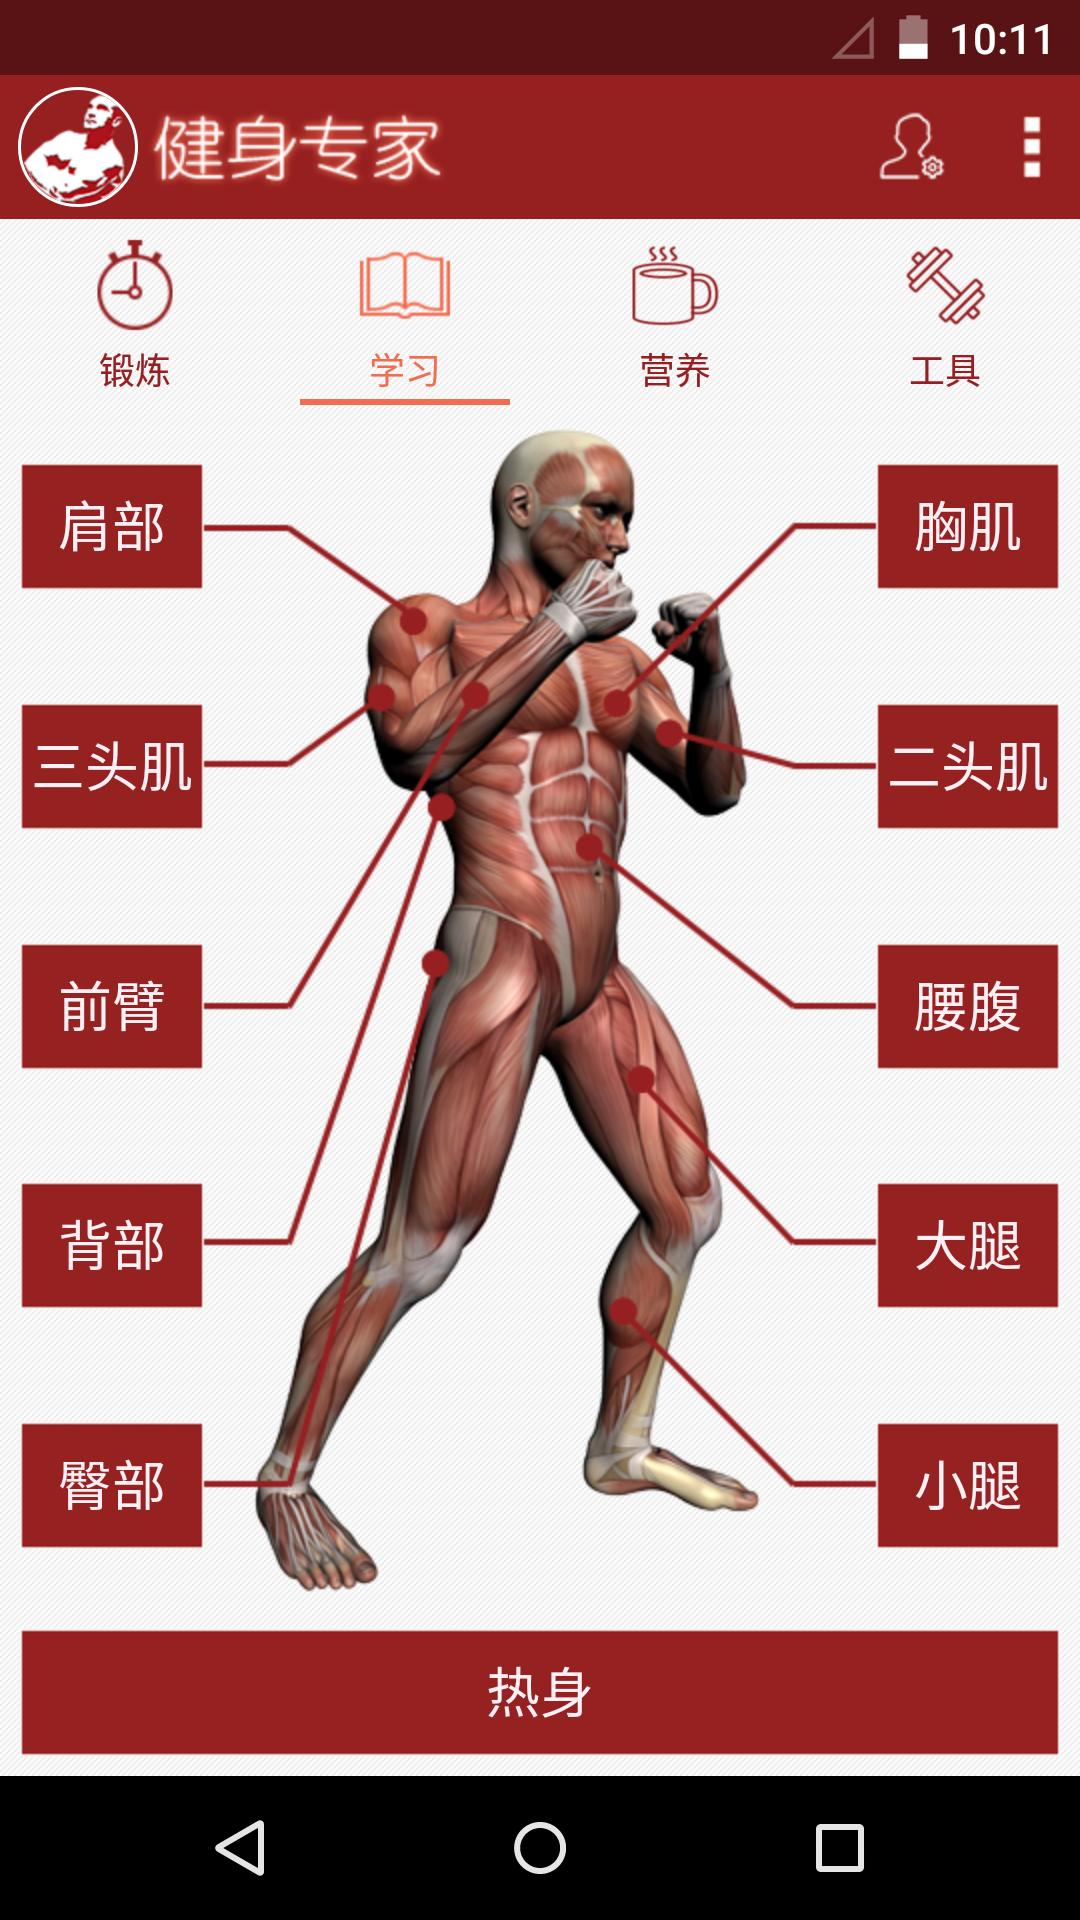 健身专家软件截图1